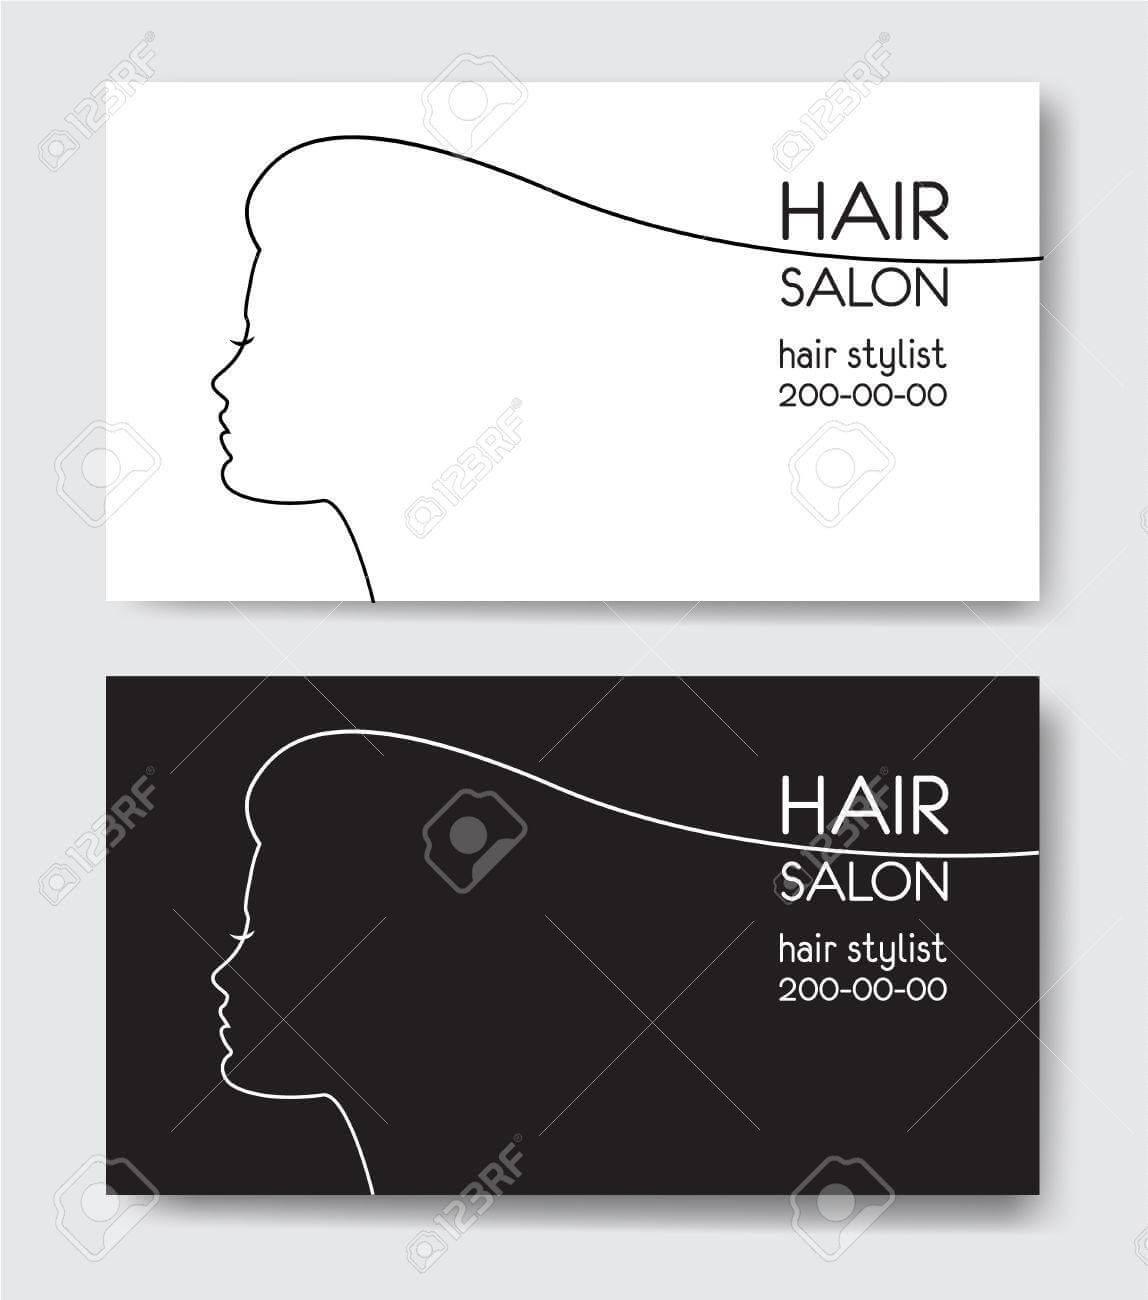 Hair Salon Business Card Templates. inside Hair Salon Business Card Template